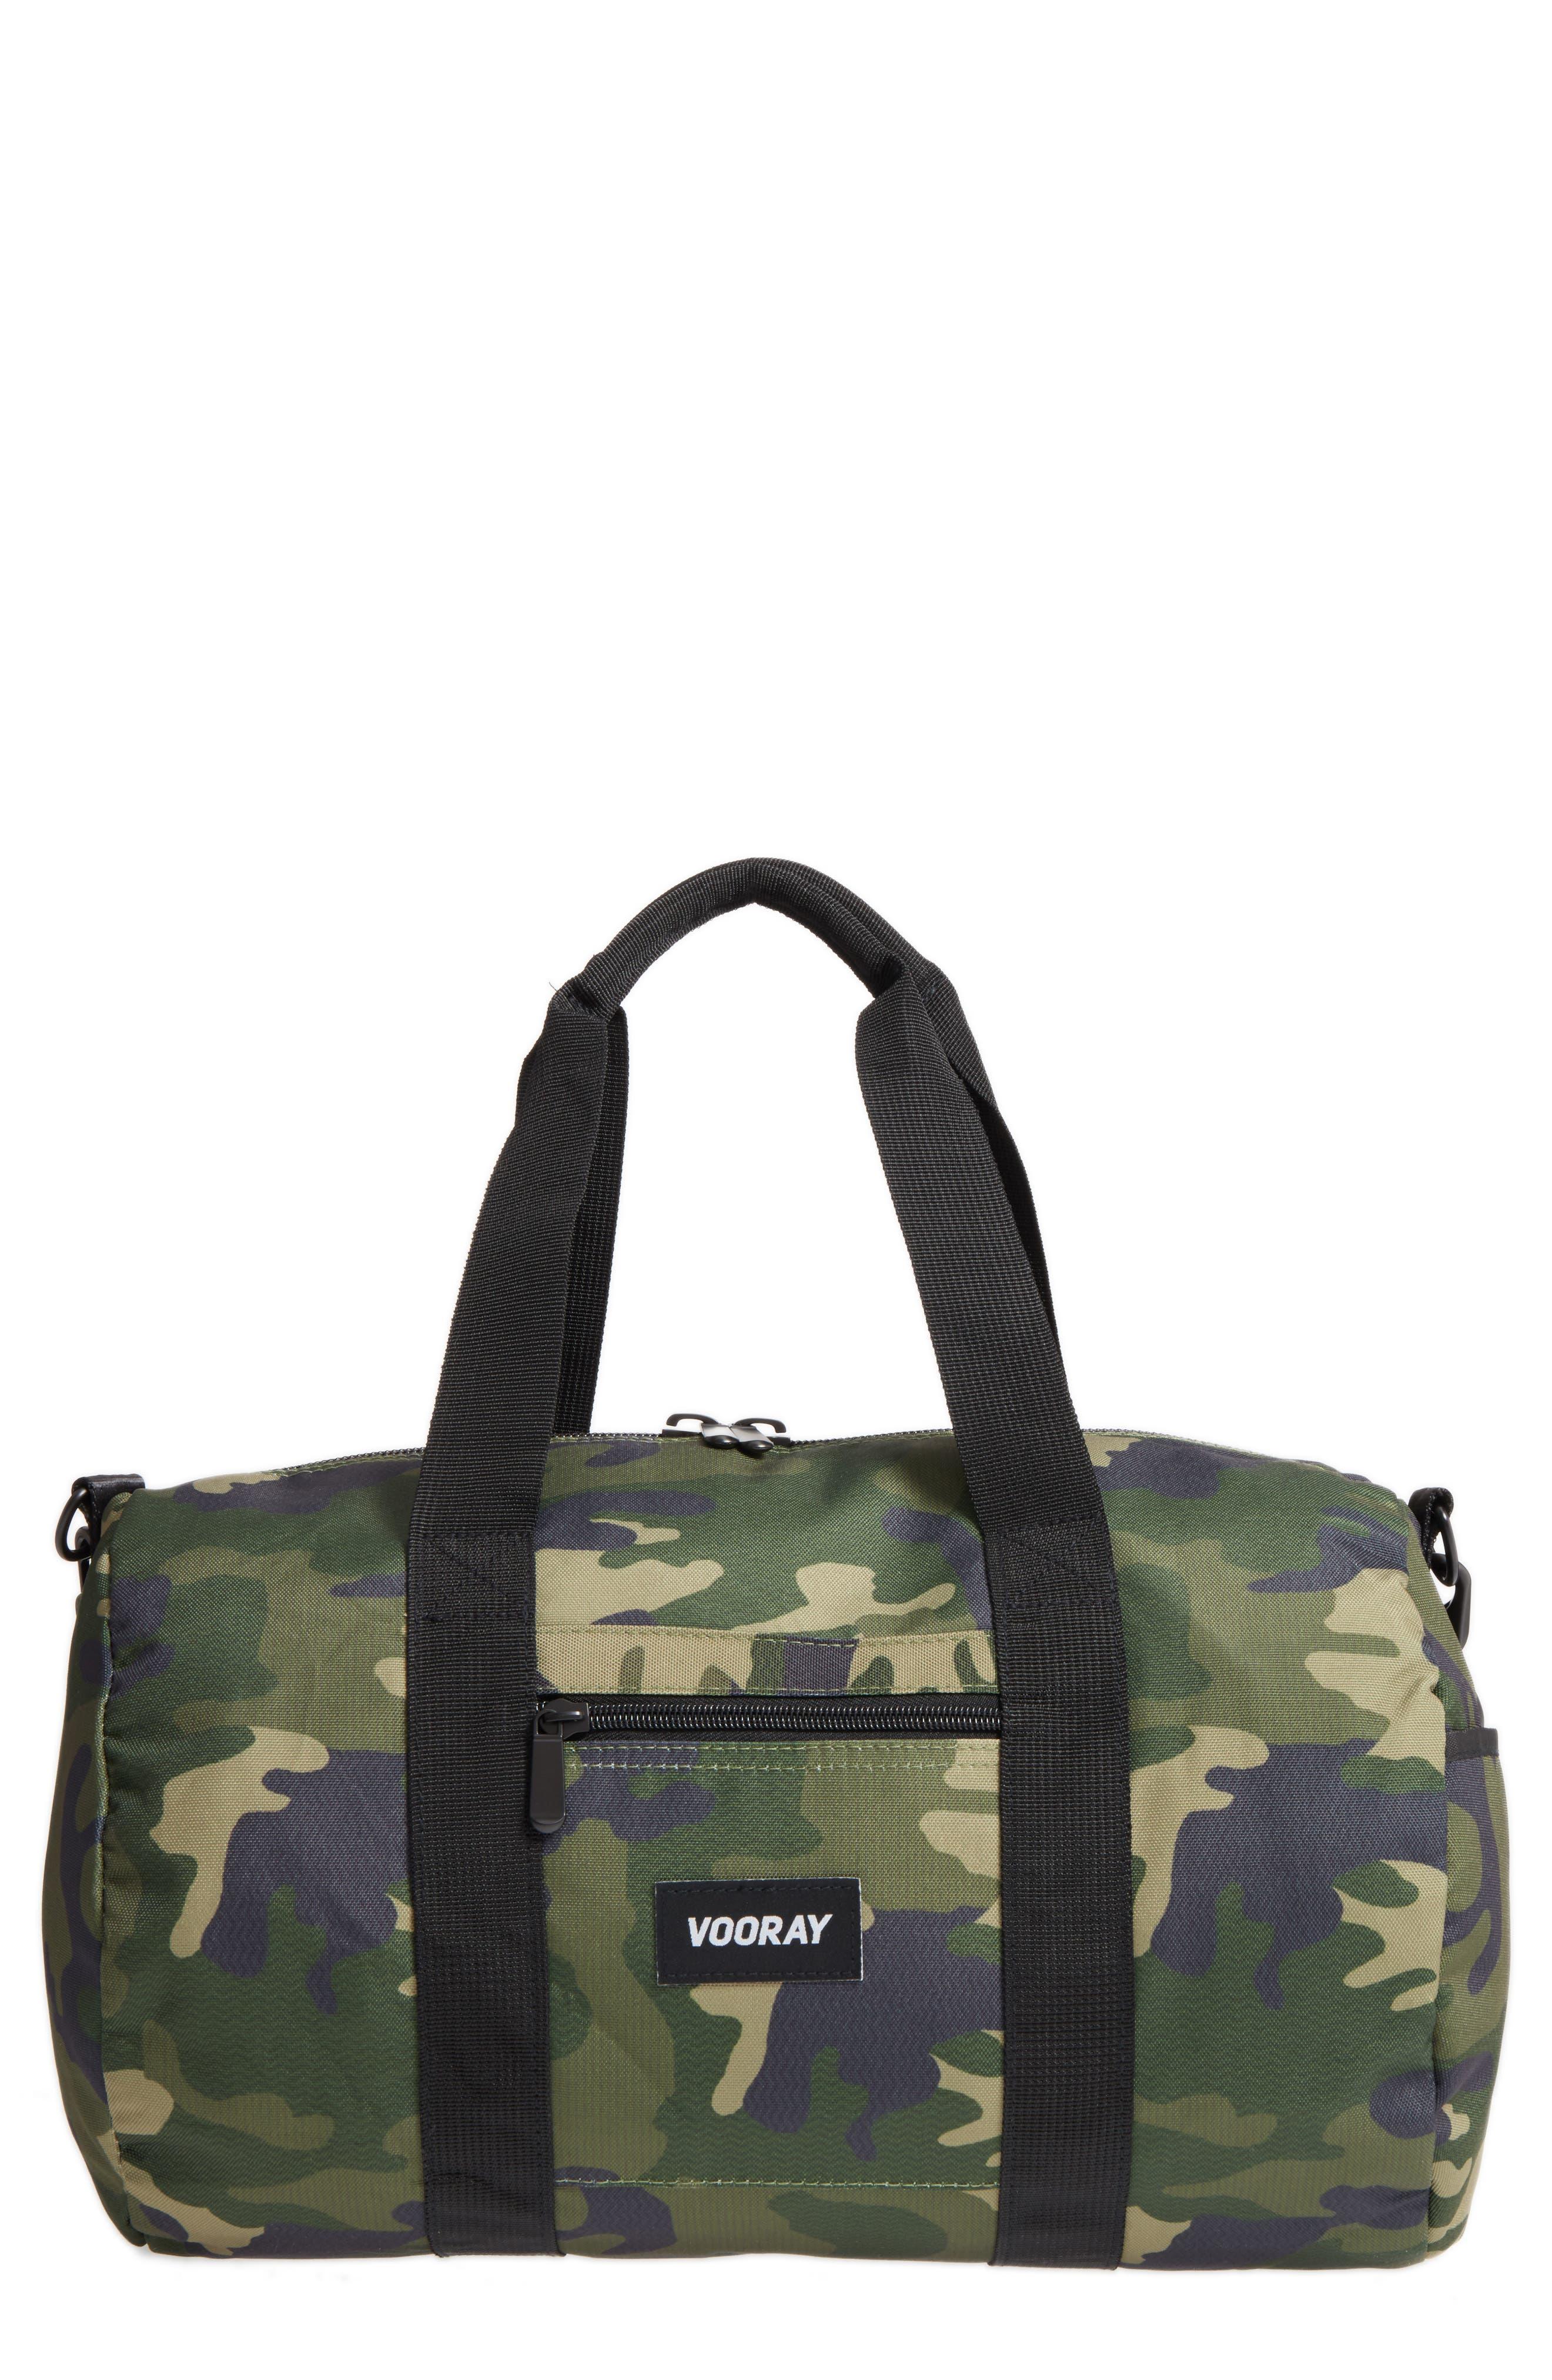 Roadie Small Duffel Bag,                         Main,                         color, GREEN CAMO